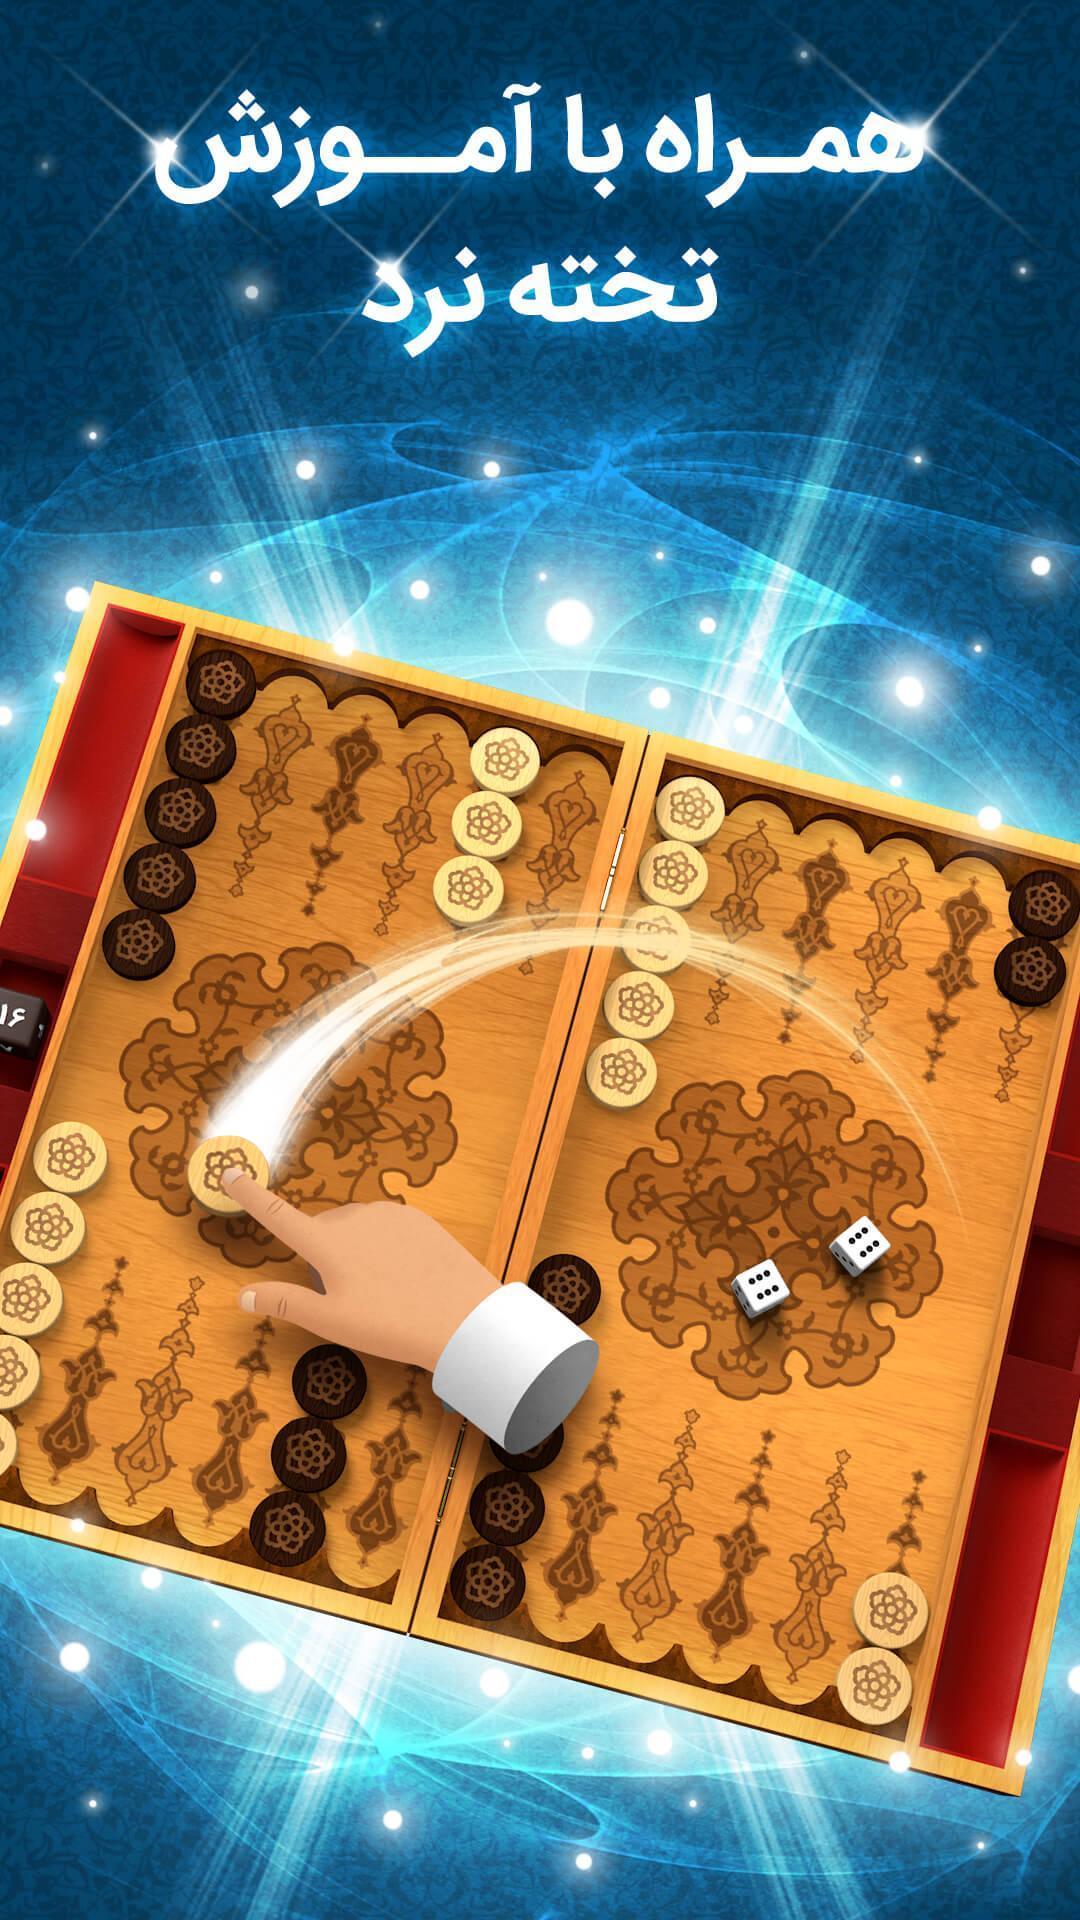 تخته باز تخته نرد آنلاین ( online backgammon ) 4.2 Screenshot 4